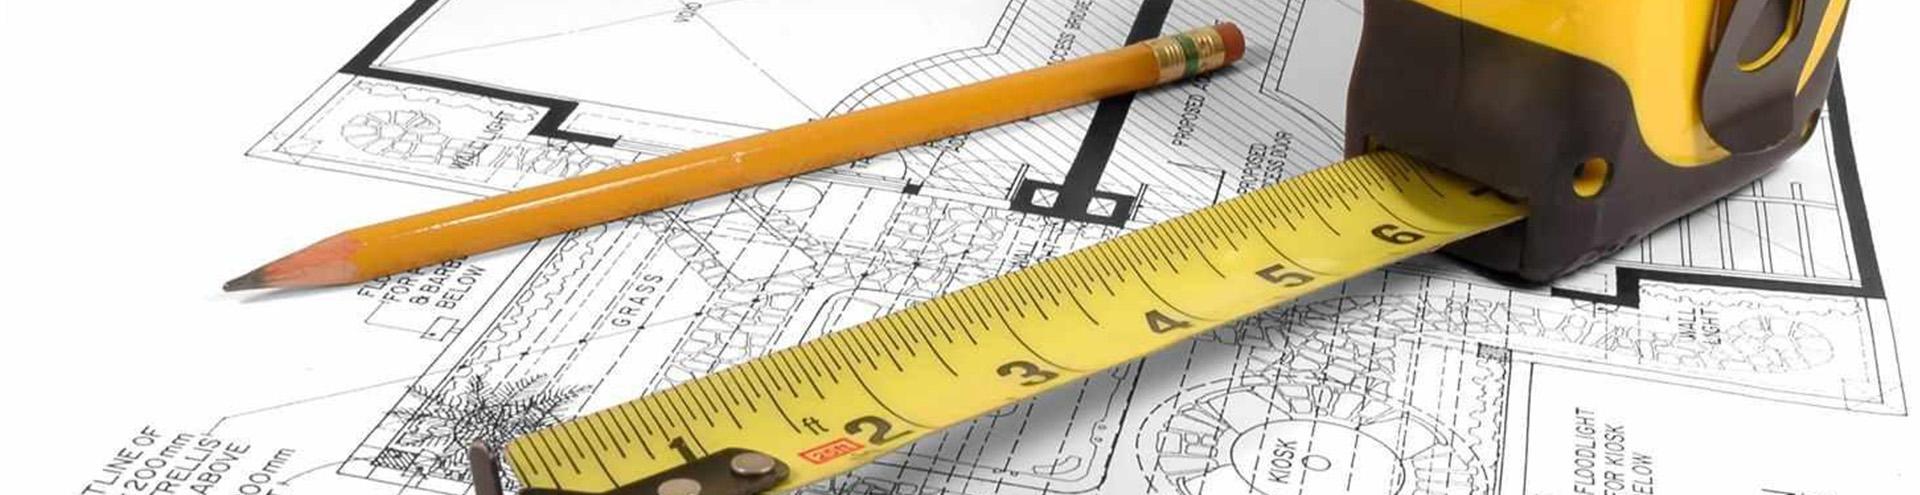 Поможем исправить кадастровую ошибку в Калуге и Калужской области